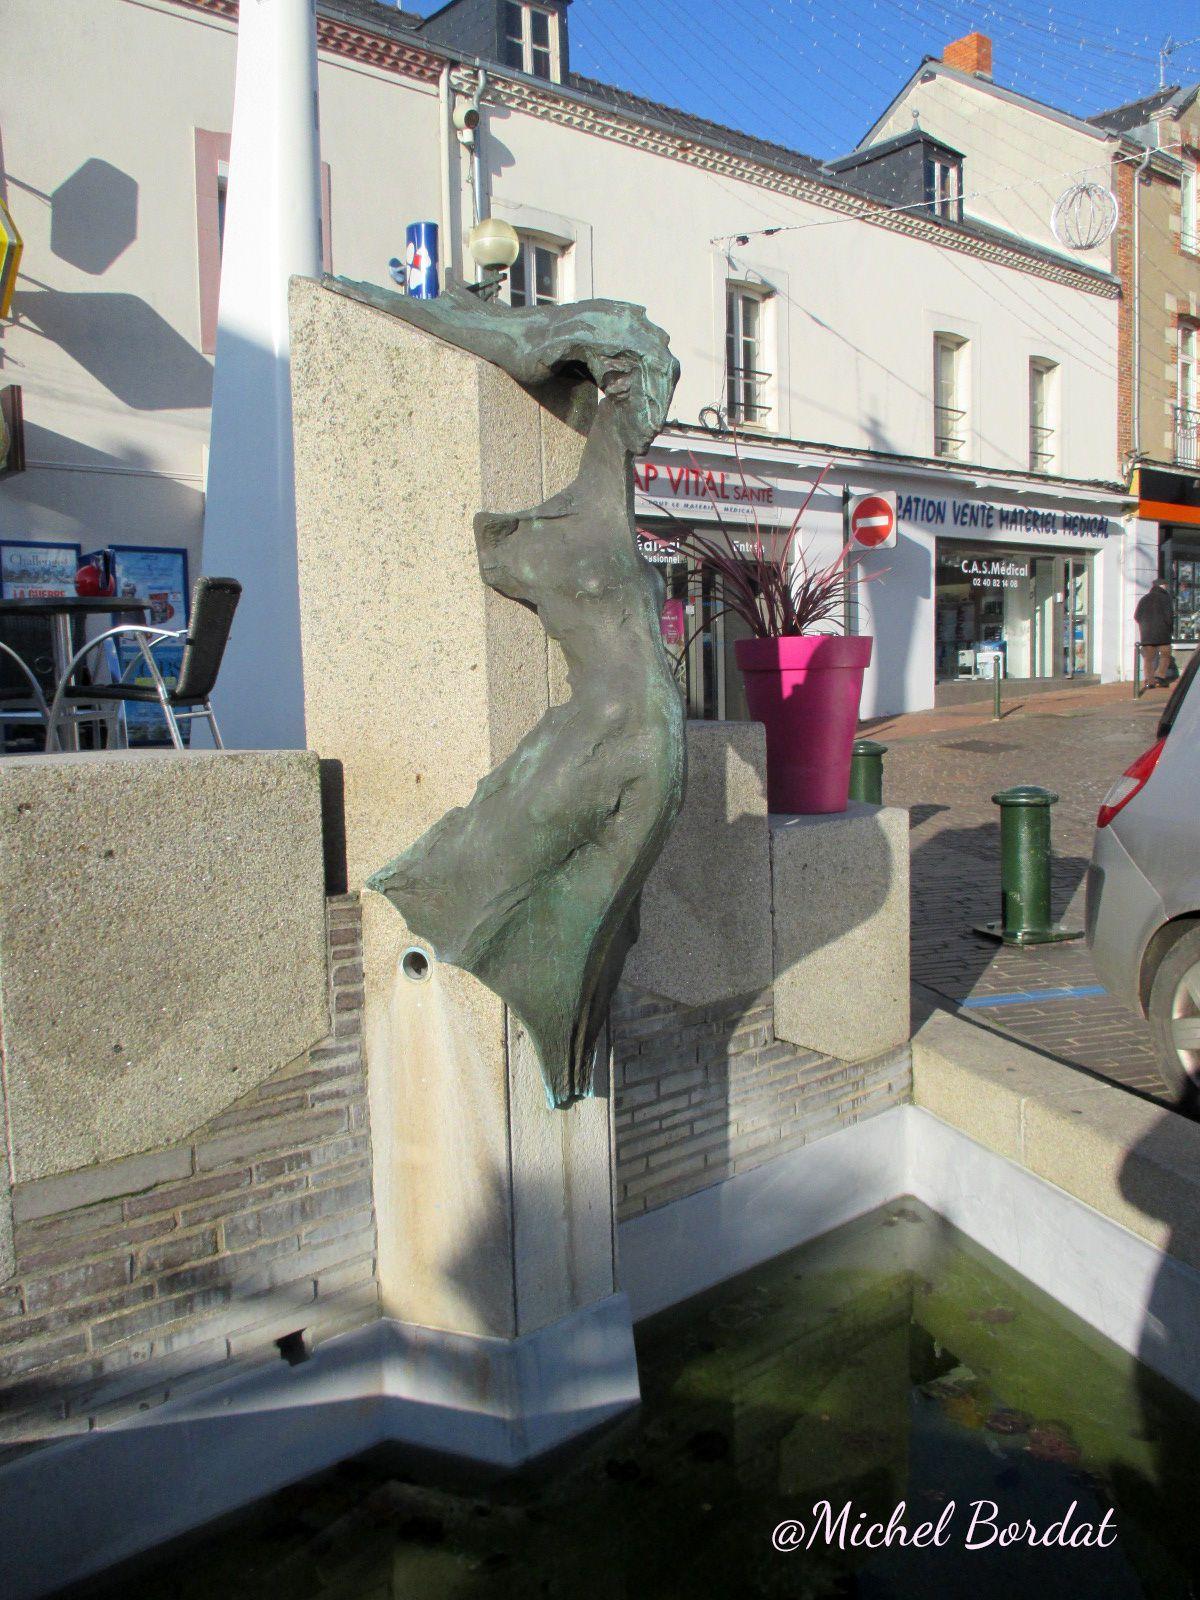 Chronique de Michel Bordat : Histoire d'eau, convivialité autour de la fontaine Sainte-Anne